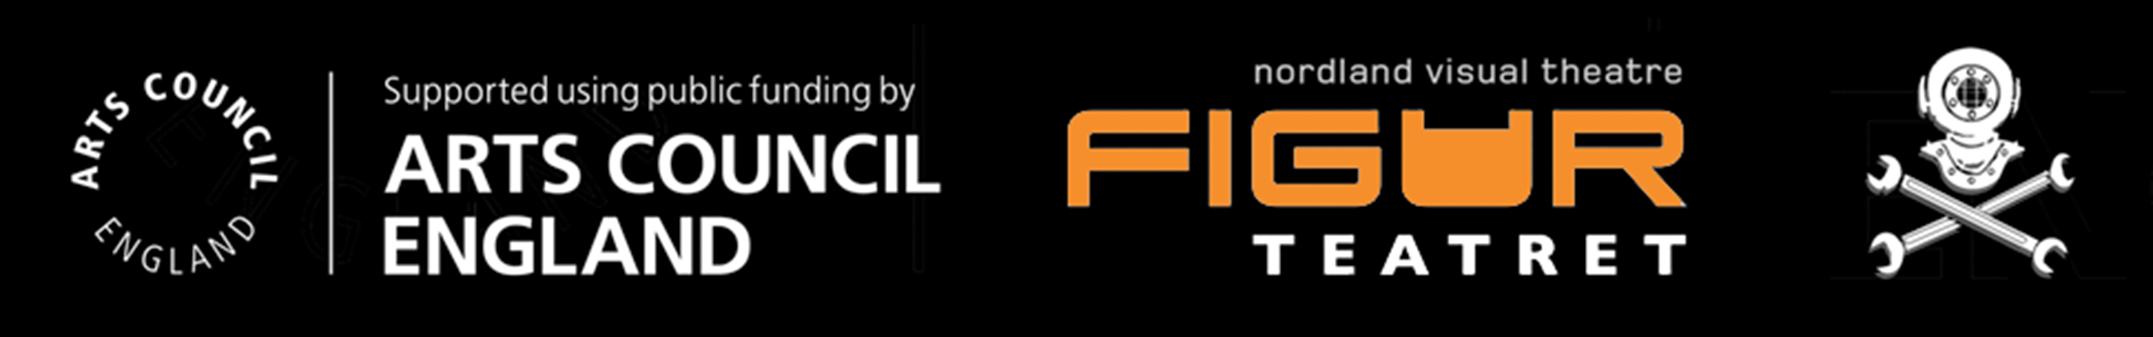 logos GG NVT ACE.jpg